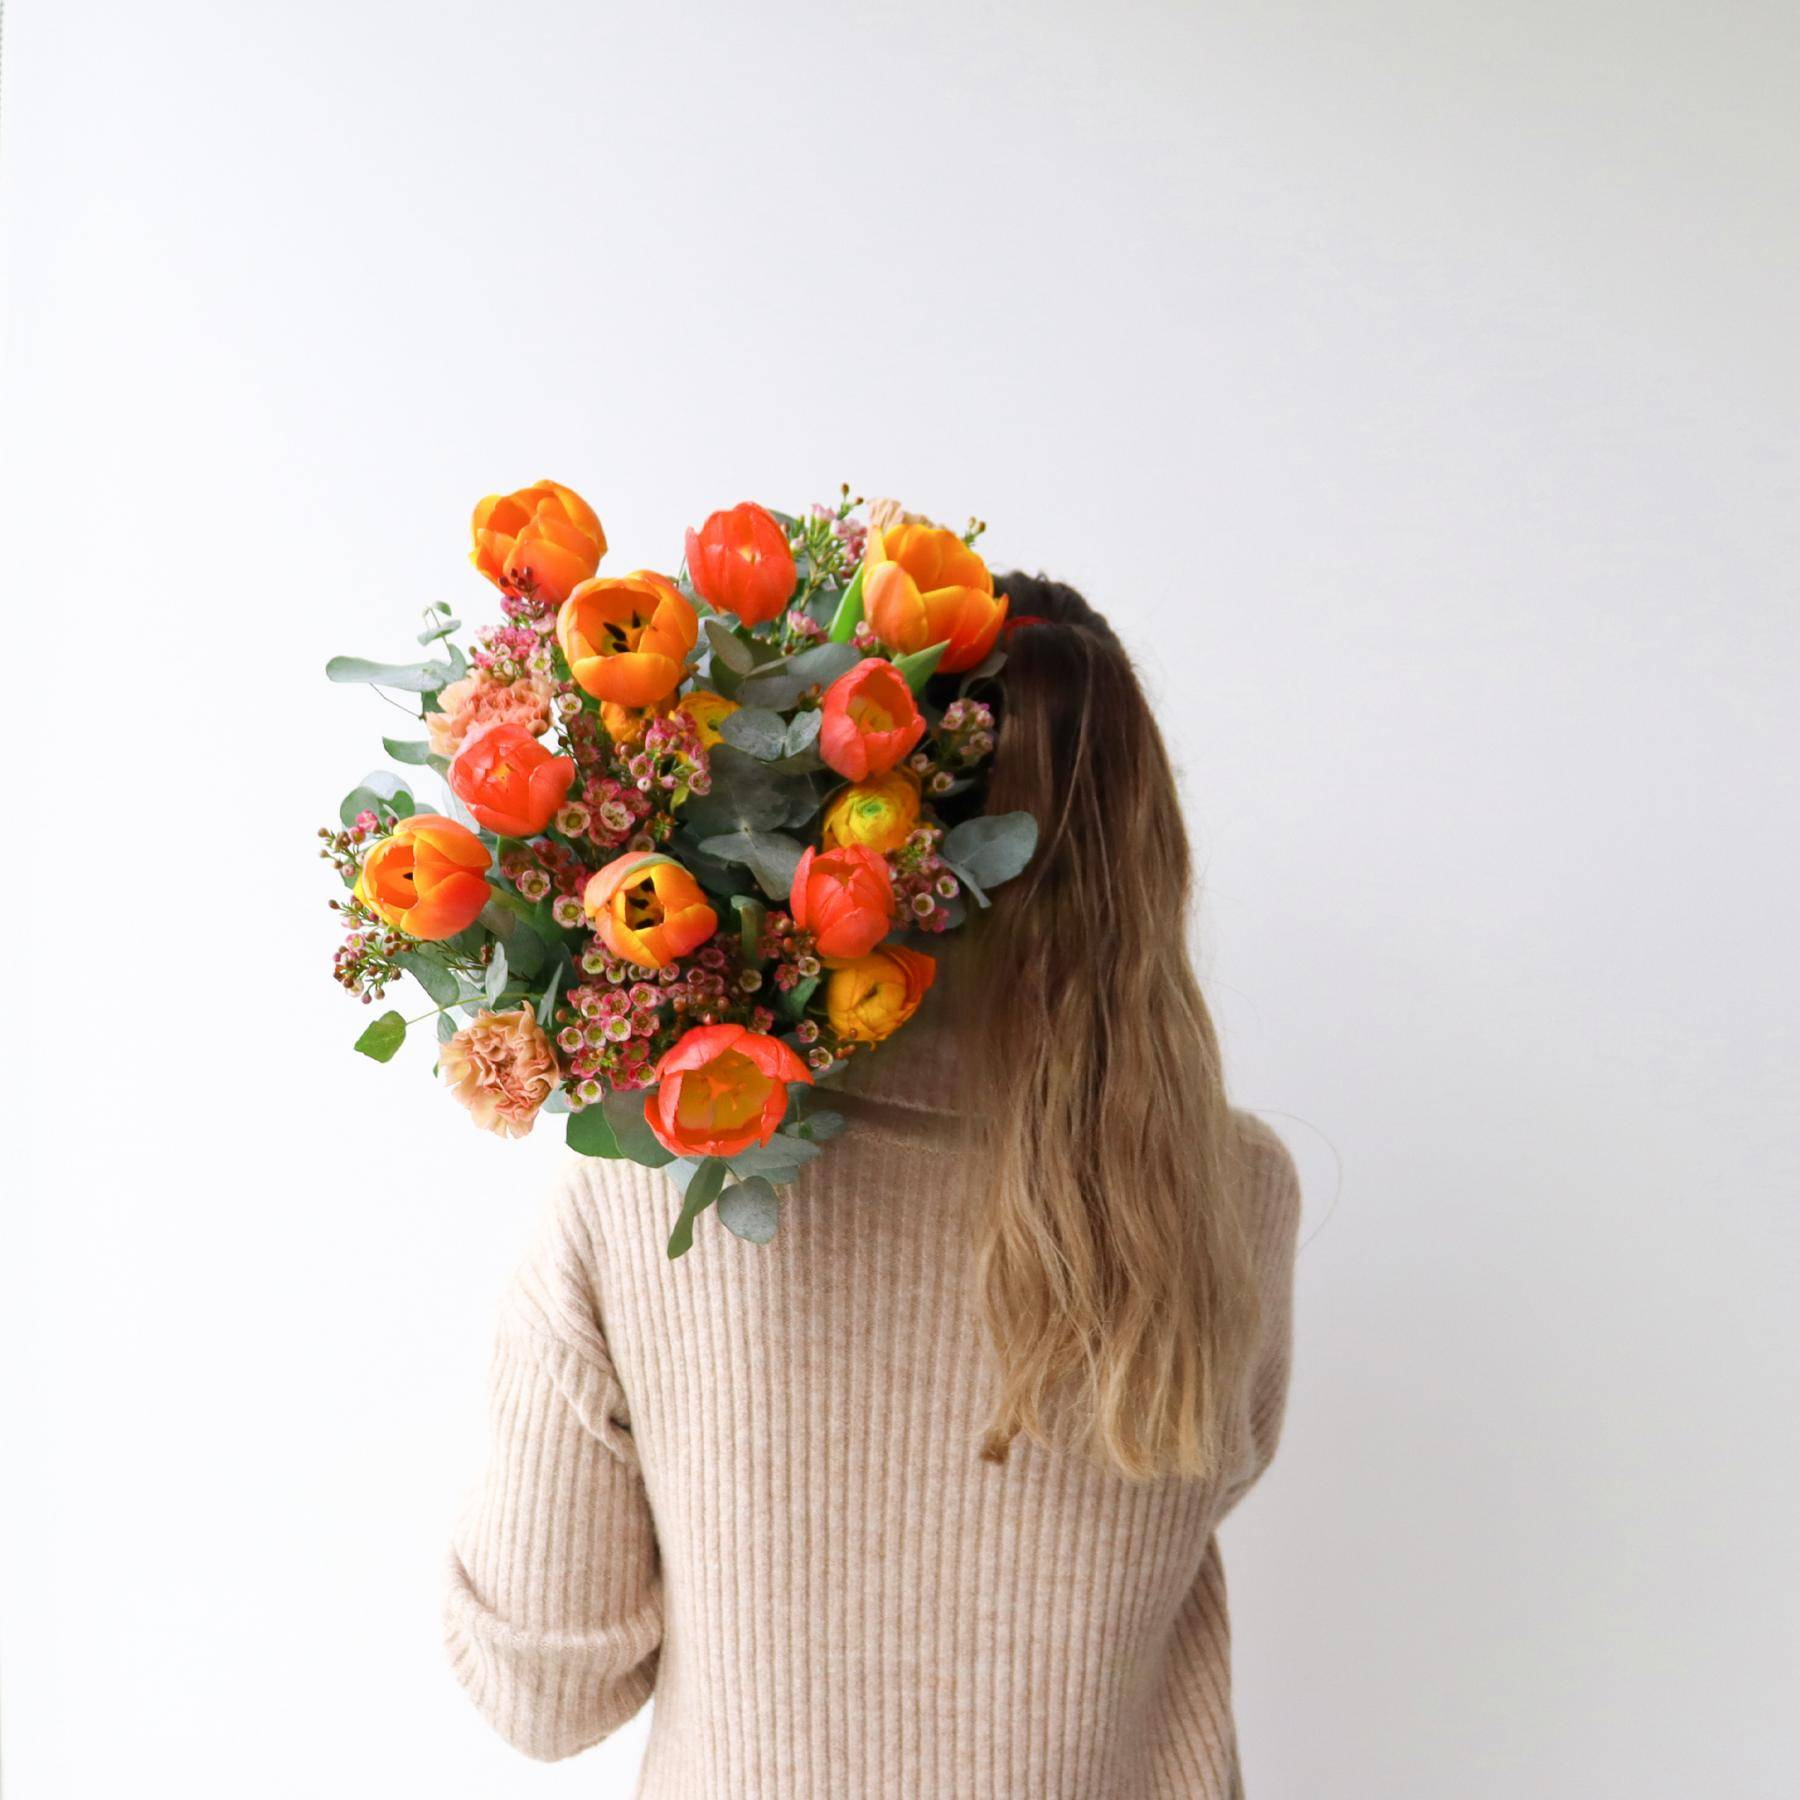 Quel membre de l'équipe se cache derrière ce beau bouquet ?